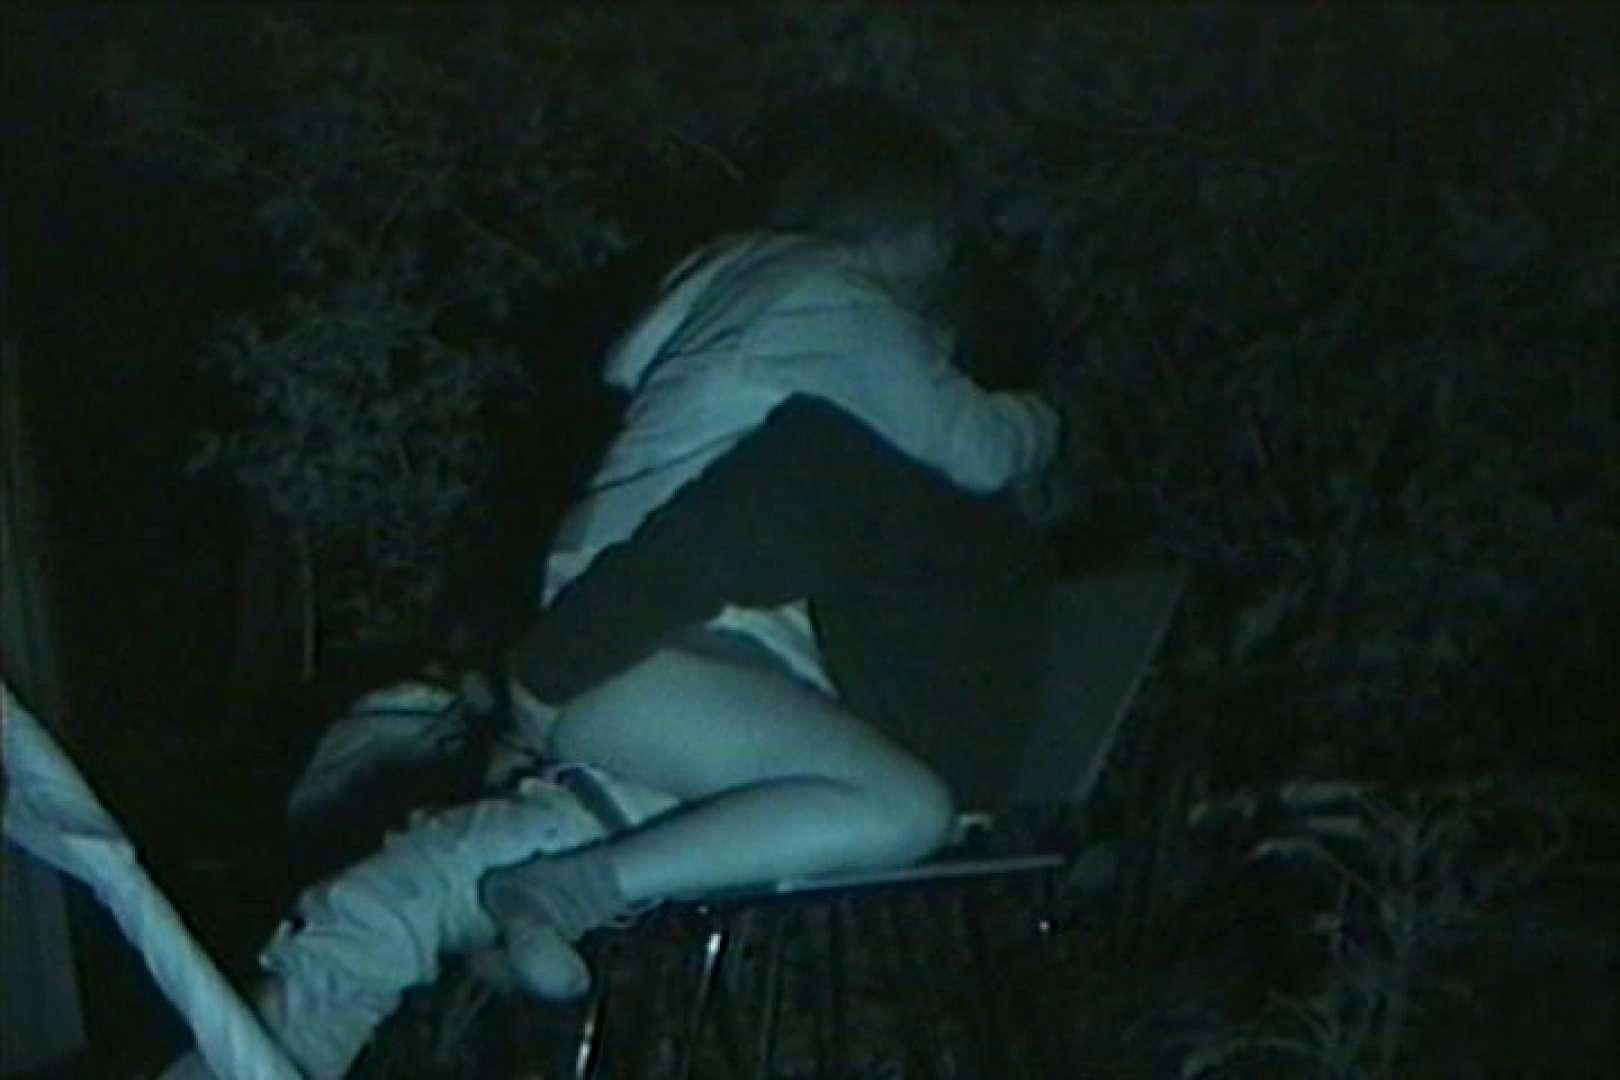 闇の仕掛け人 無修正版 Vol.23 プライベート 隠し撮りセックス画像 53pic 53